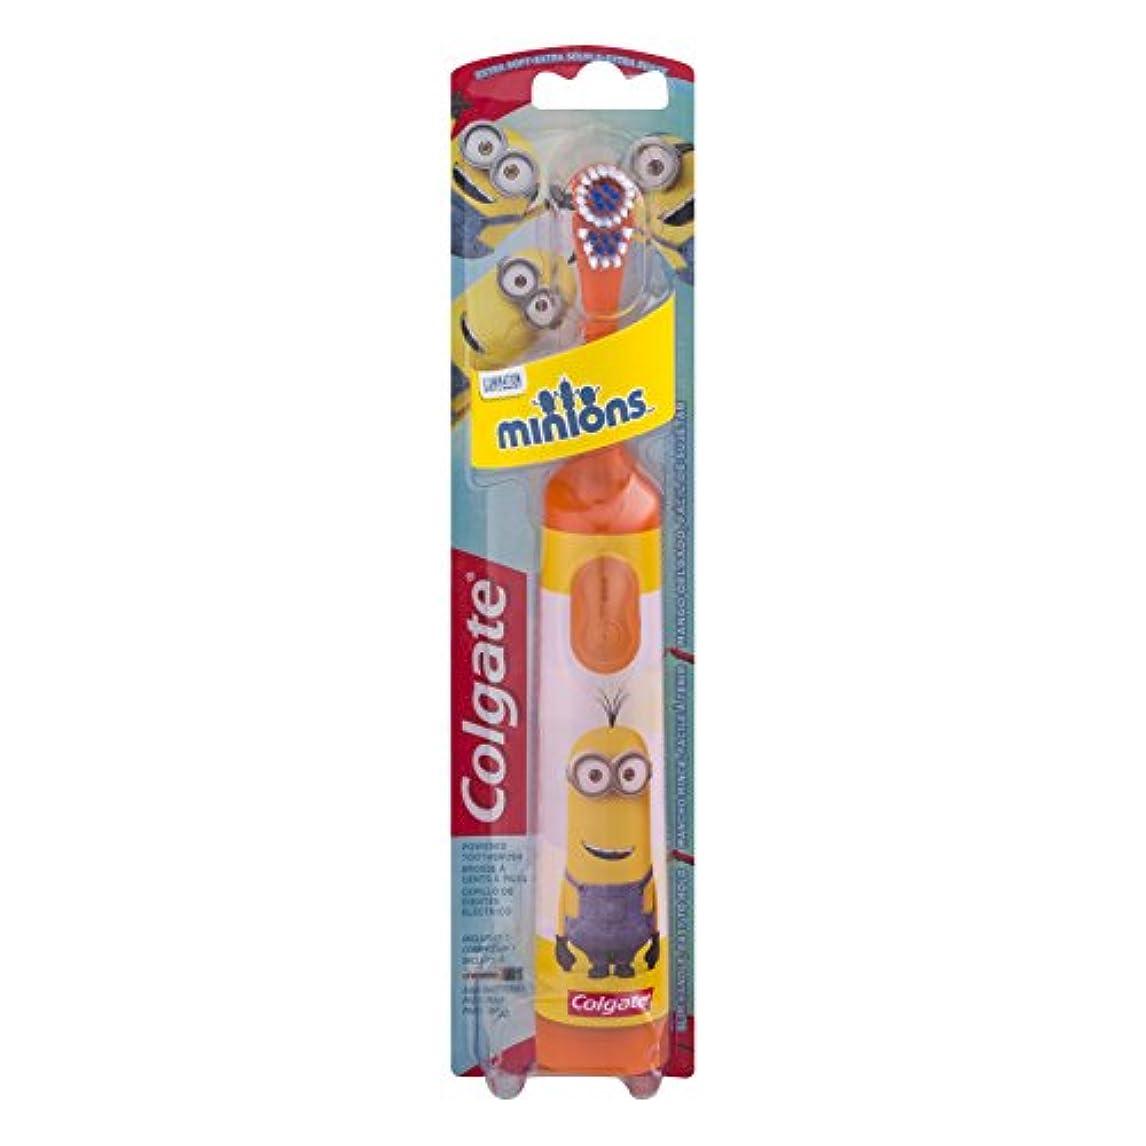 回転させる味わう乱気流Colgate キッズ手下バッテリ駆動歯ブラシ - 1CT - 色やデザインは変更になる場合があります